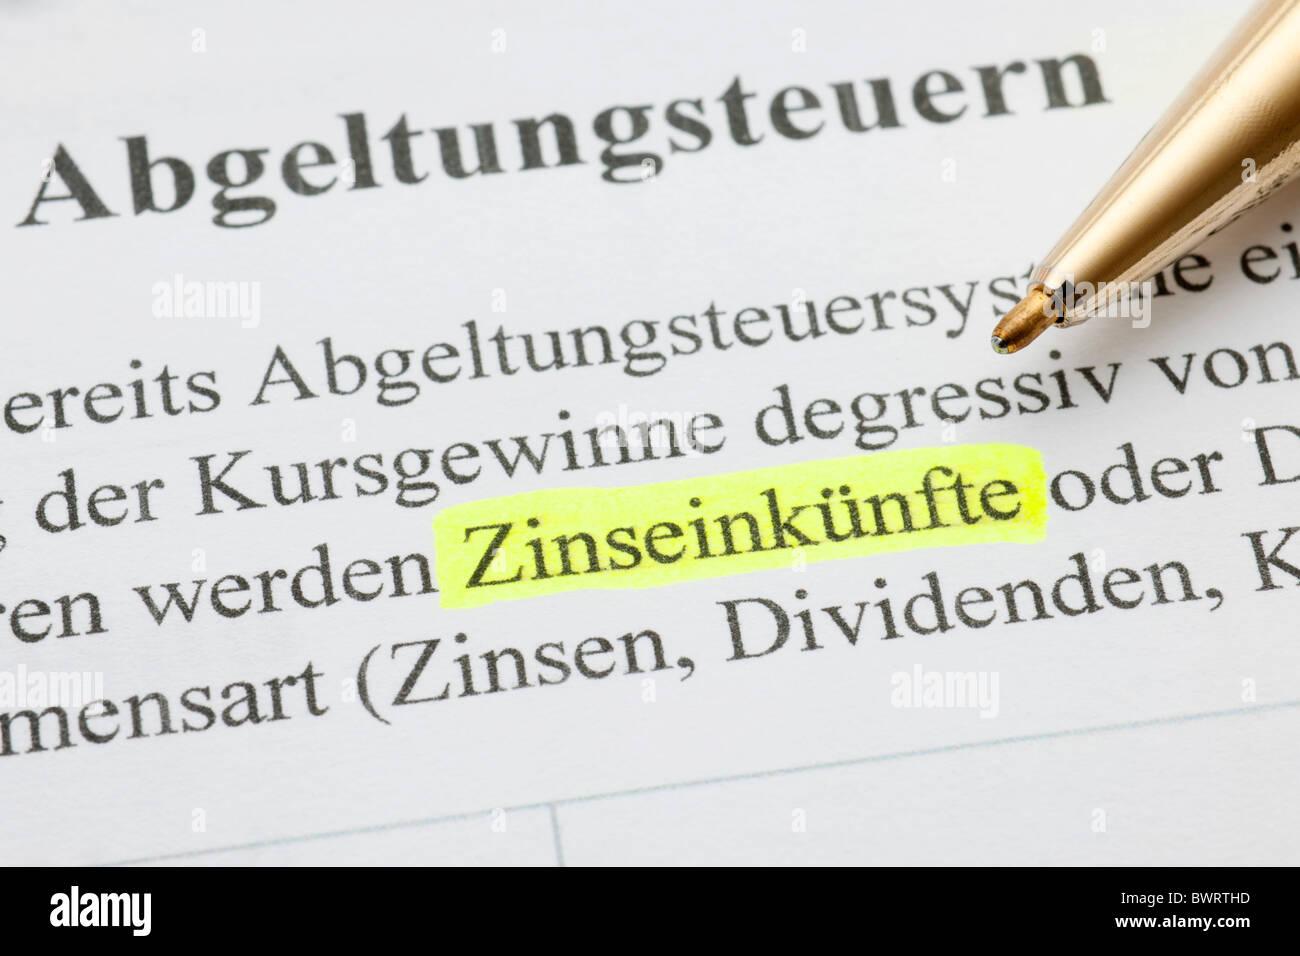 Kapitalertraege, Deutsch für Zinserträge Stockbild